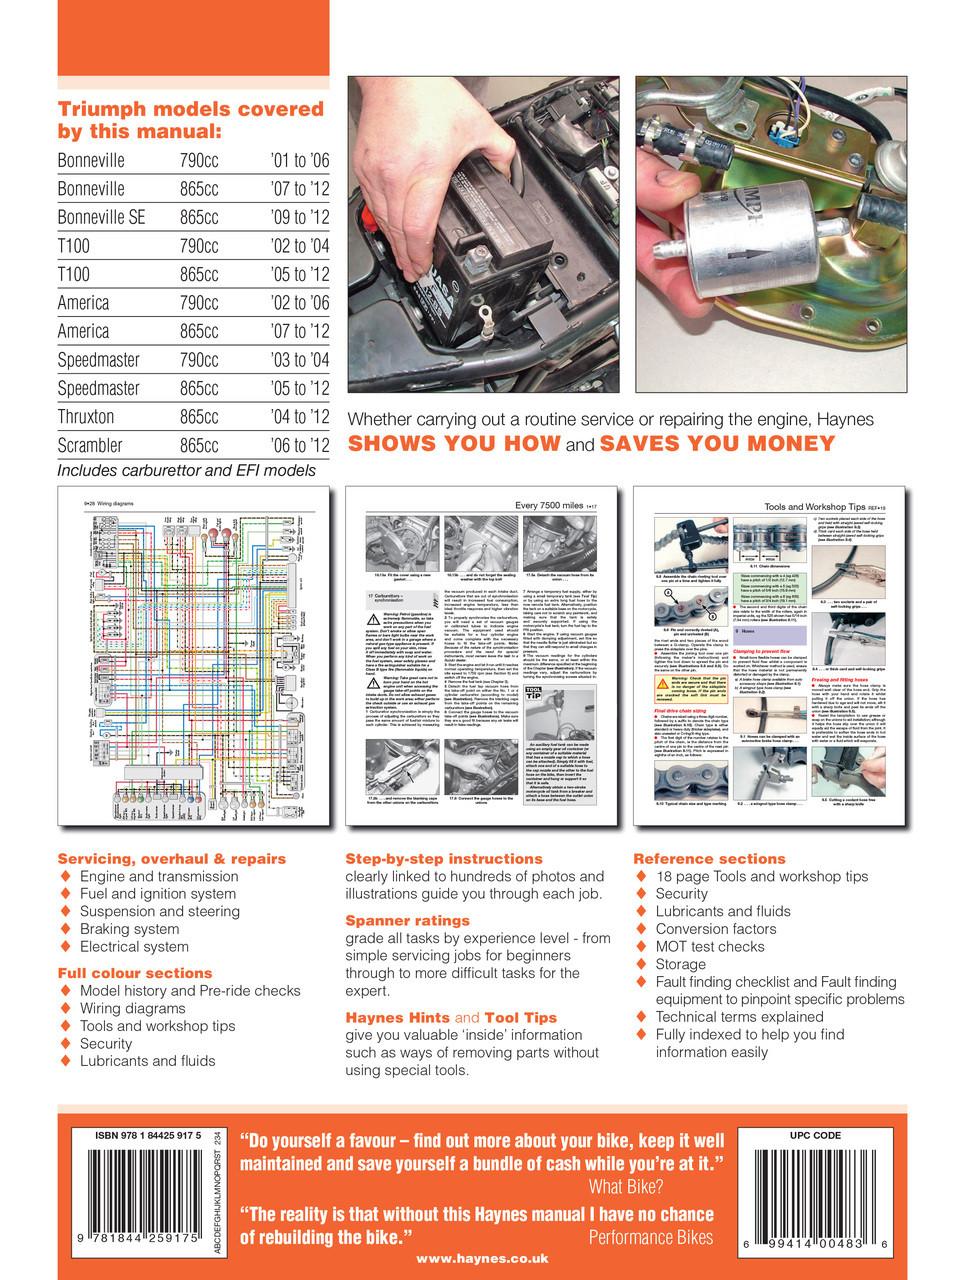 Triumph Bonneville T100 Speedmaster America Thruxton Scrabmler 2001 Haynes Wiring Diagram Workshop Manual